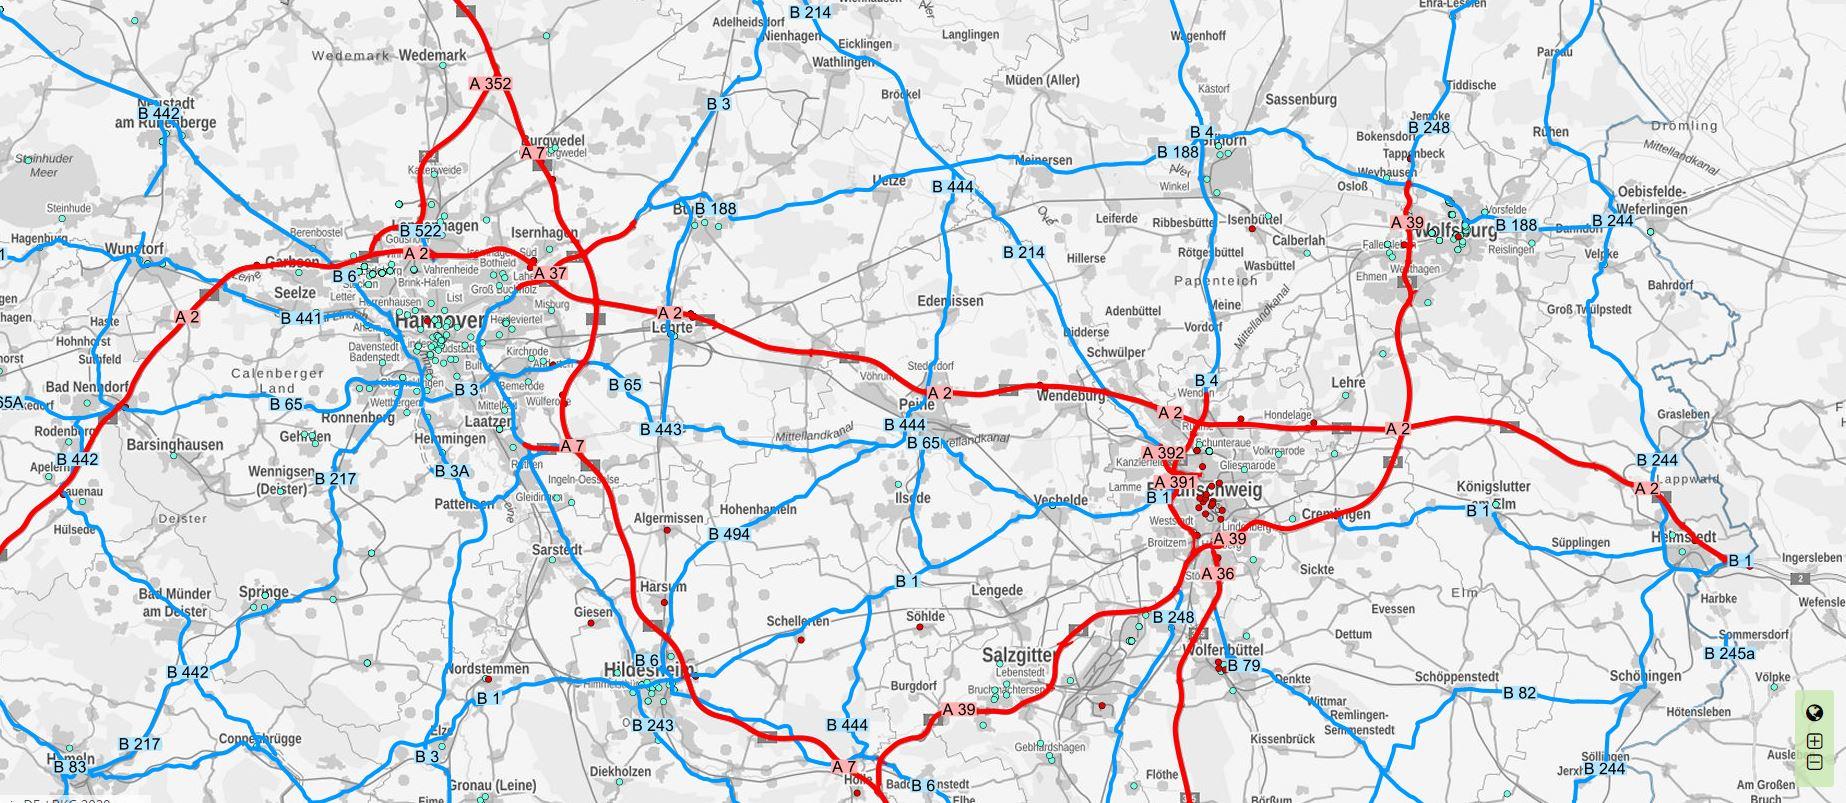 Screenshot des Ladeatlas Niedersachsen mit Fokus auf Hannover und Umgebung